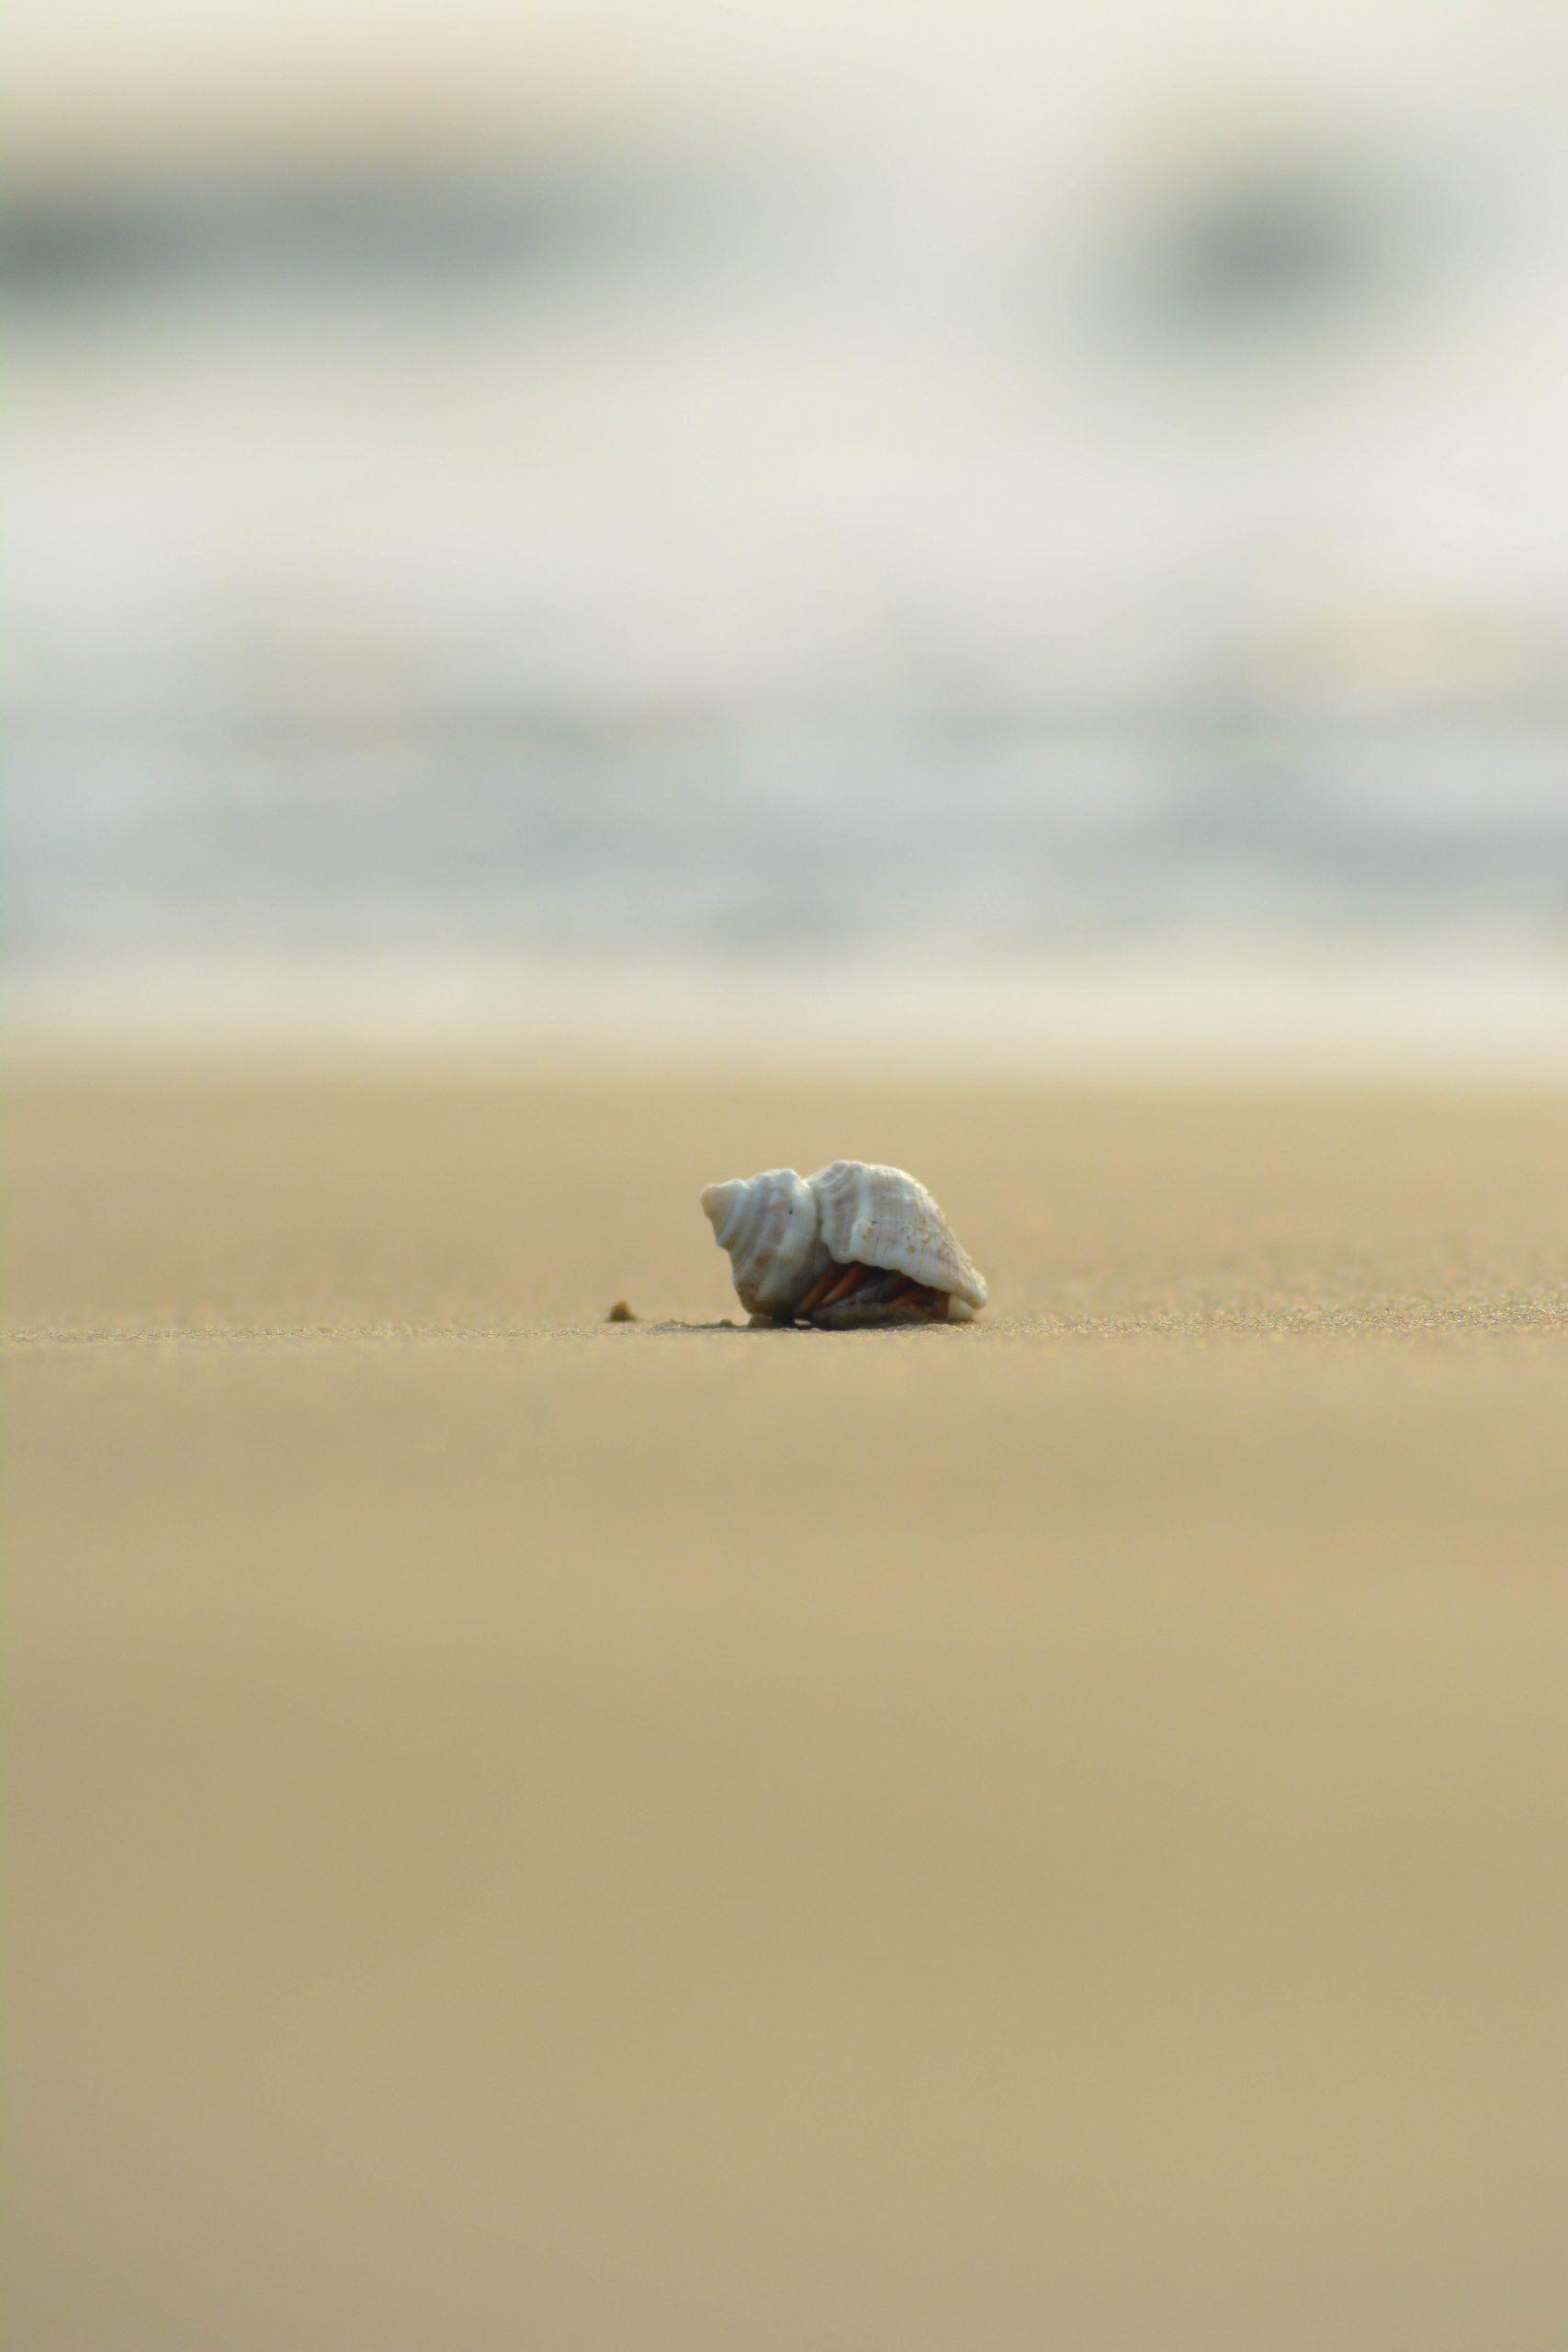 A sea shell on sand